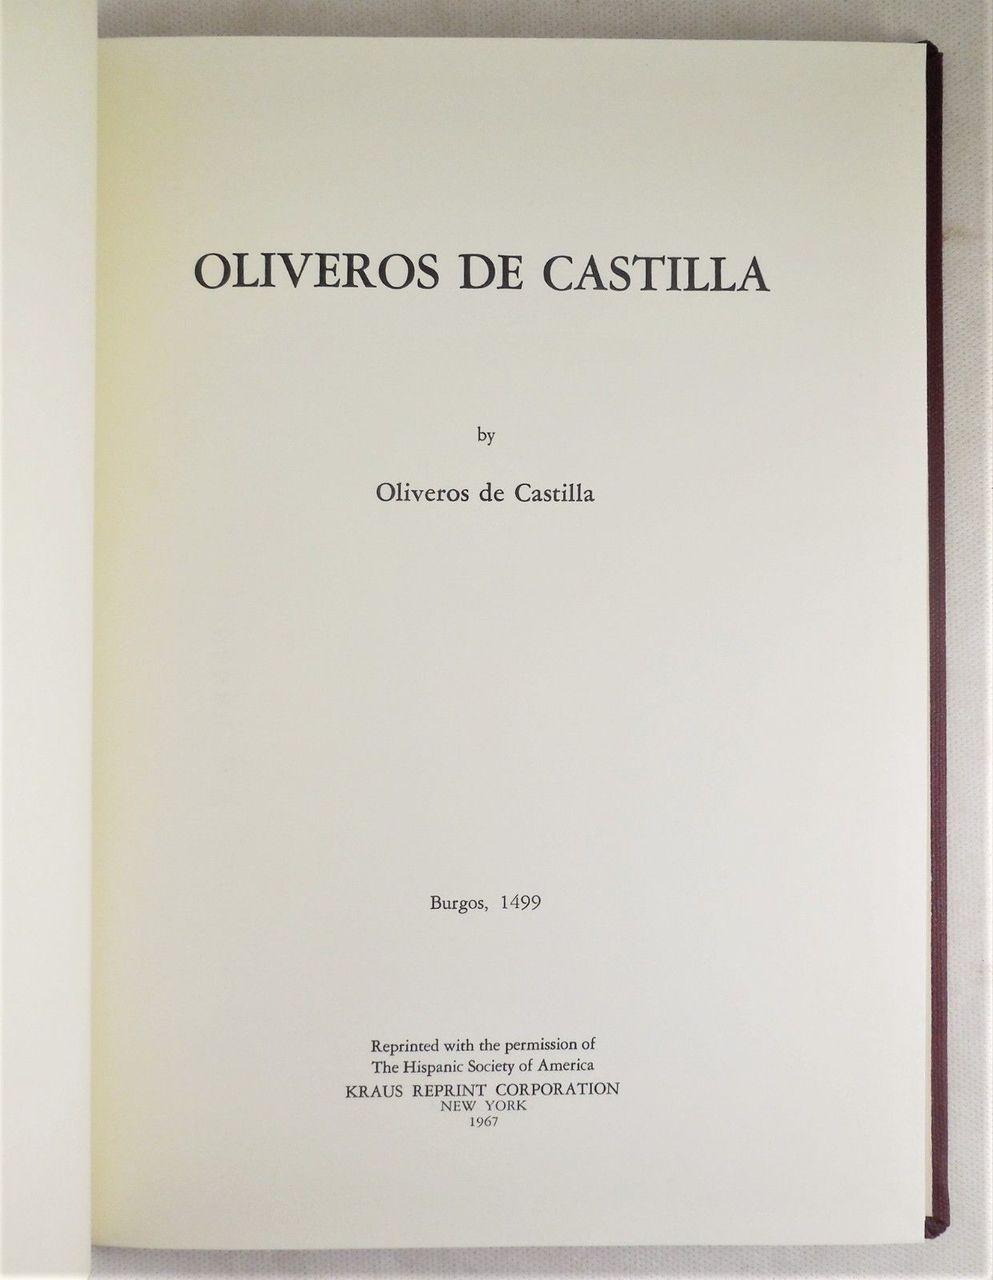 OLIVEROS DE CASTILLA - 1967 [1499 reprint]